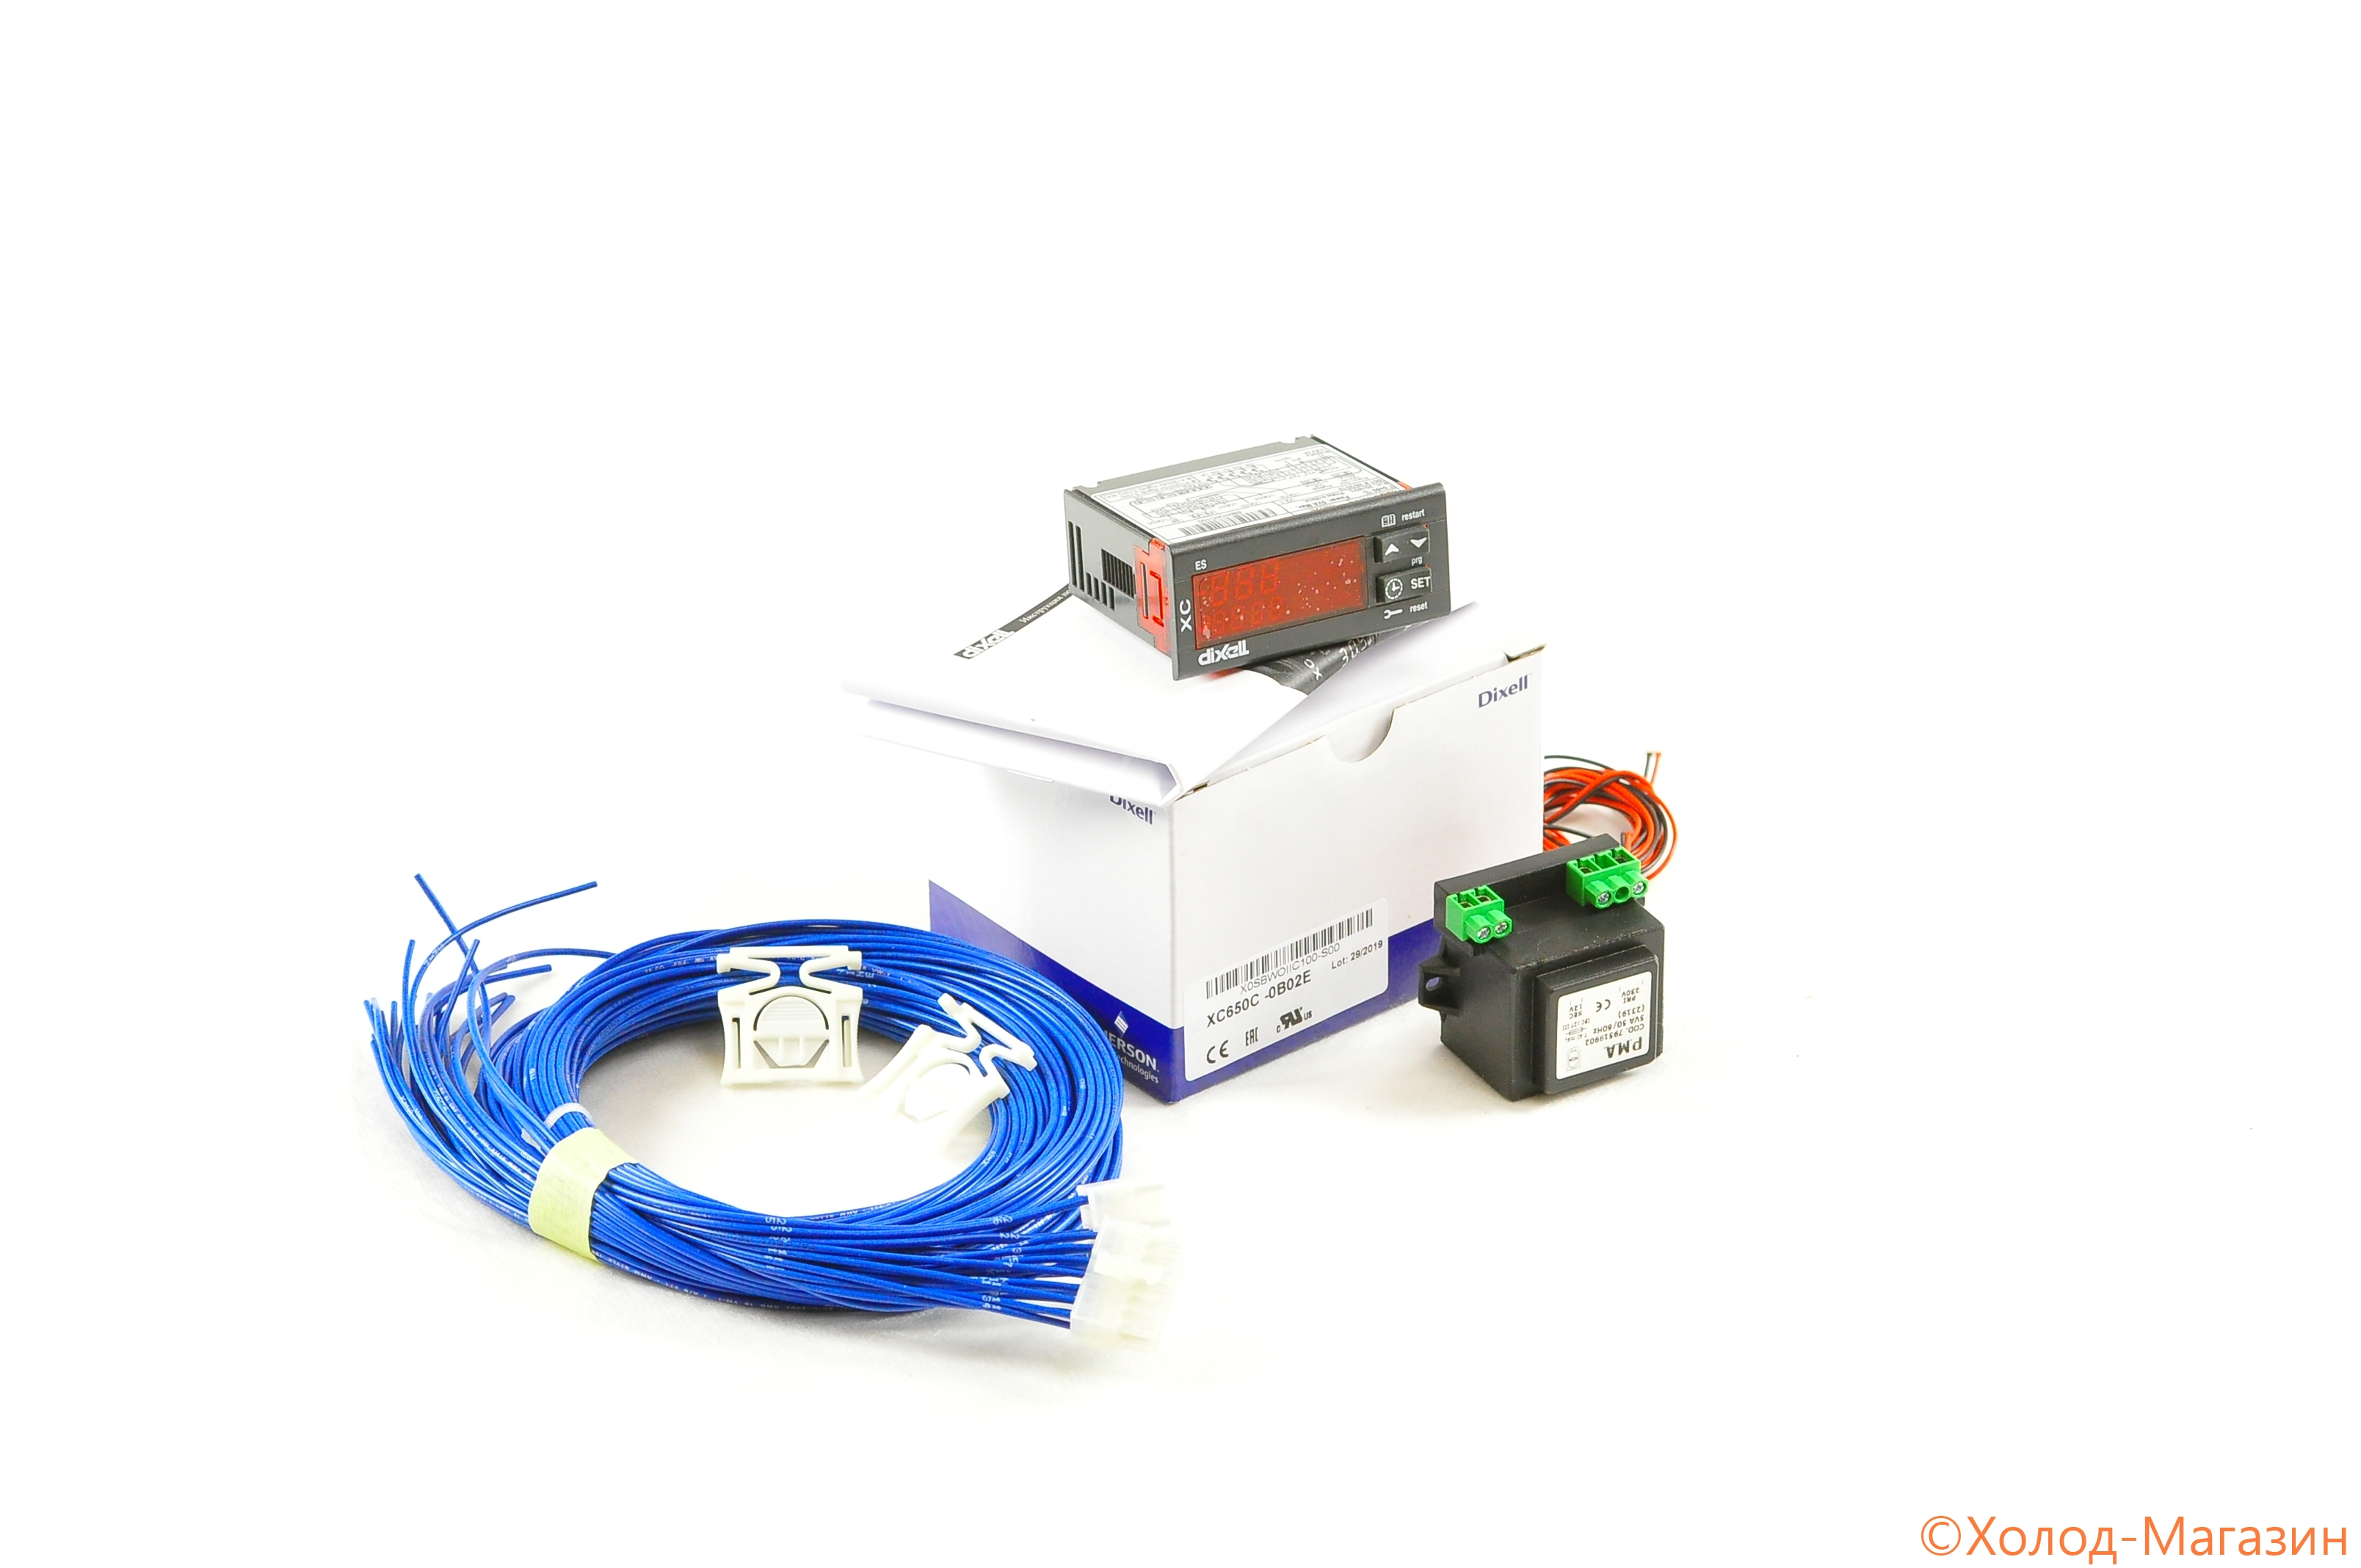 Контроллер Dixell XC650C -0B02E +4.20MA 4.20MA 12V DIRE